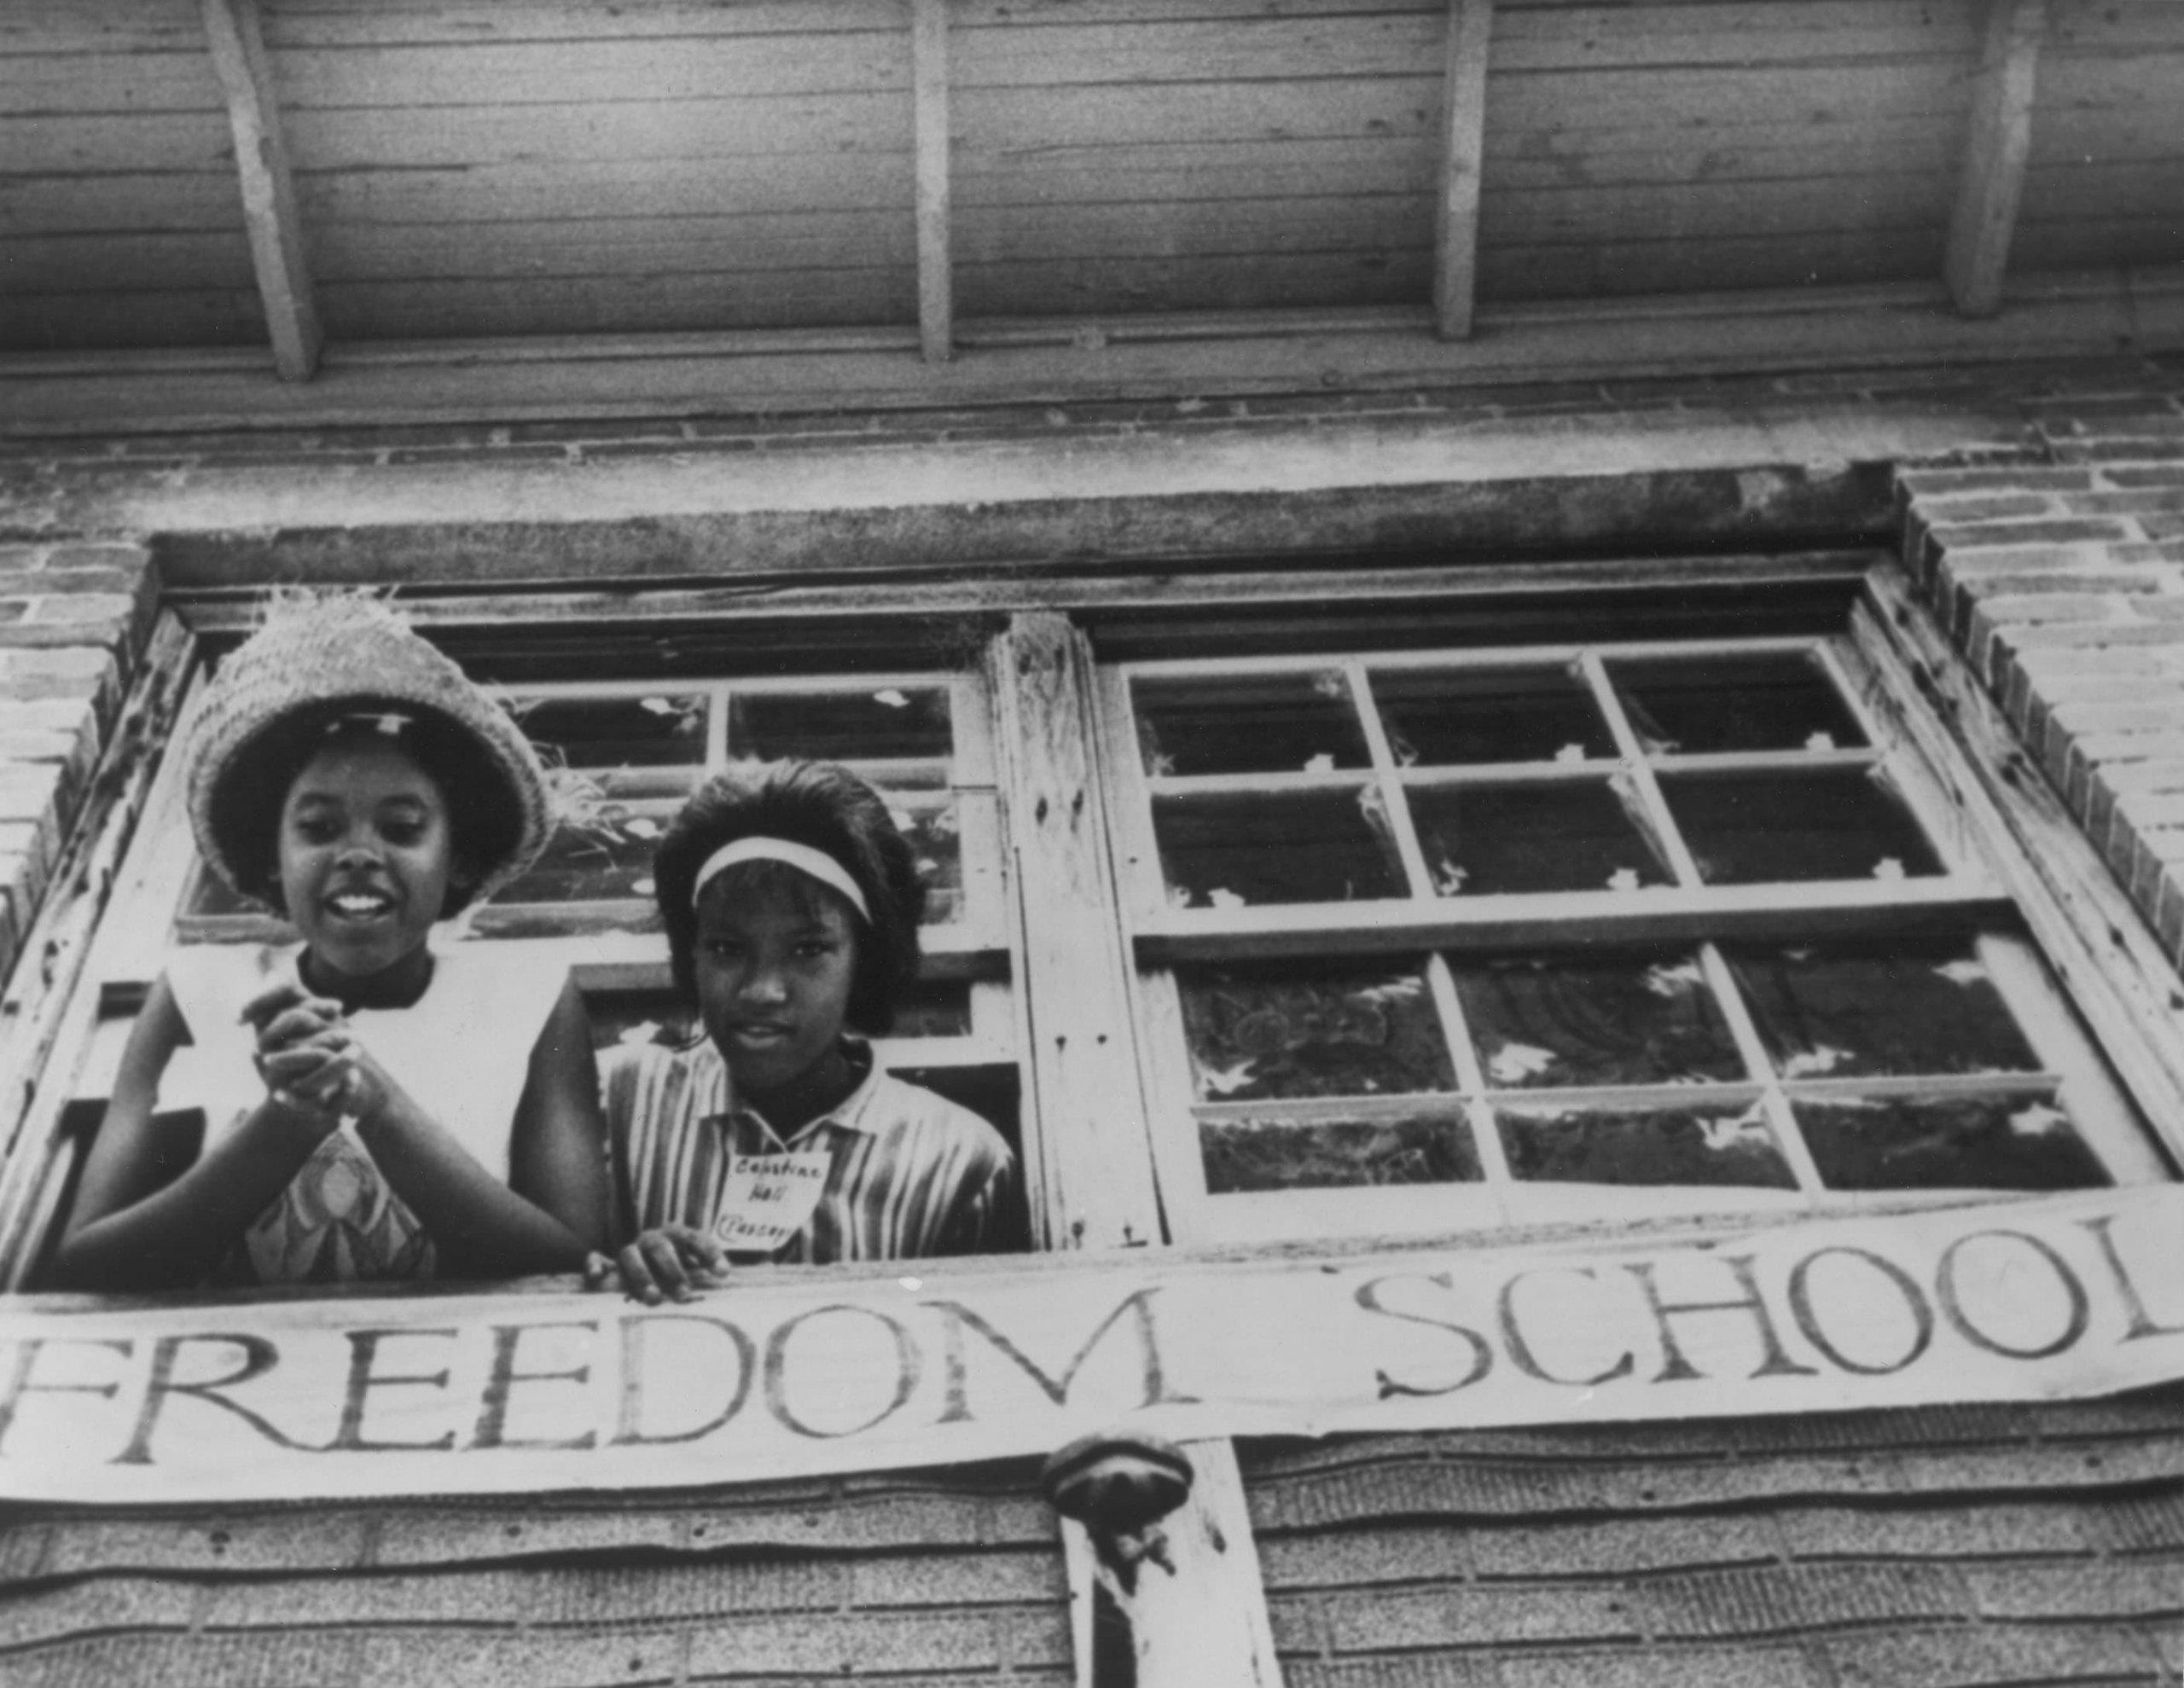 هل الحرية المطلقة دون أيّة حدود هي ما نريده فعلًا؟